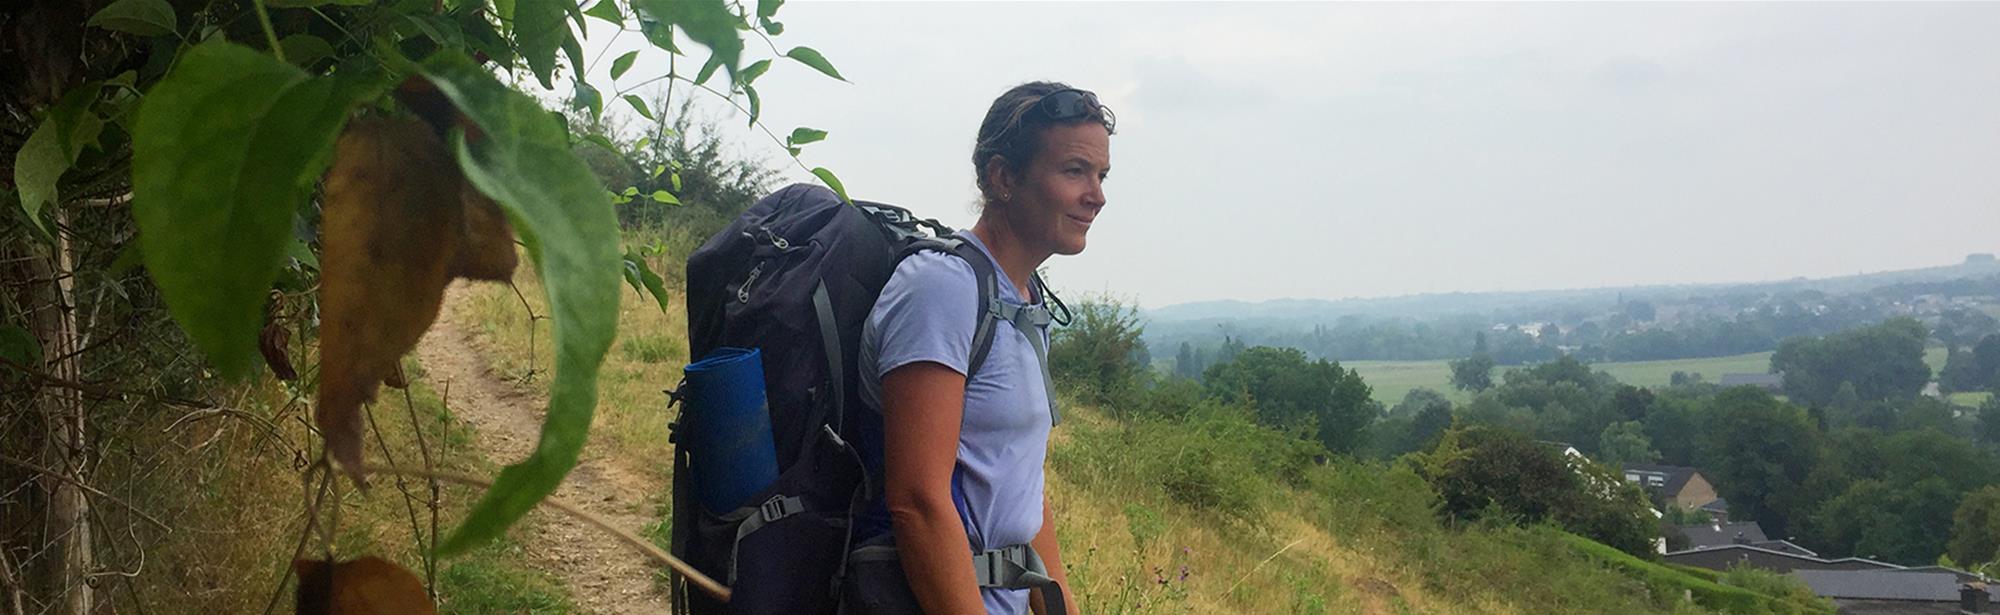 Dutch Mountain Trail Zuid-Limburg